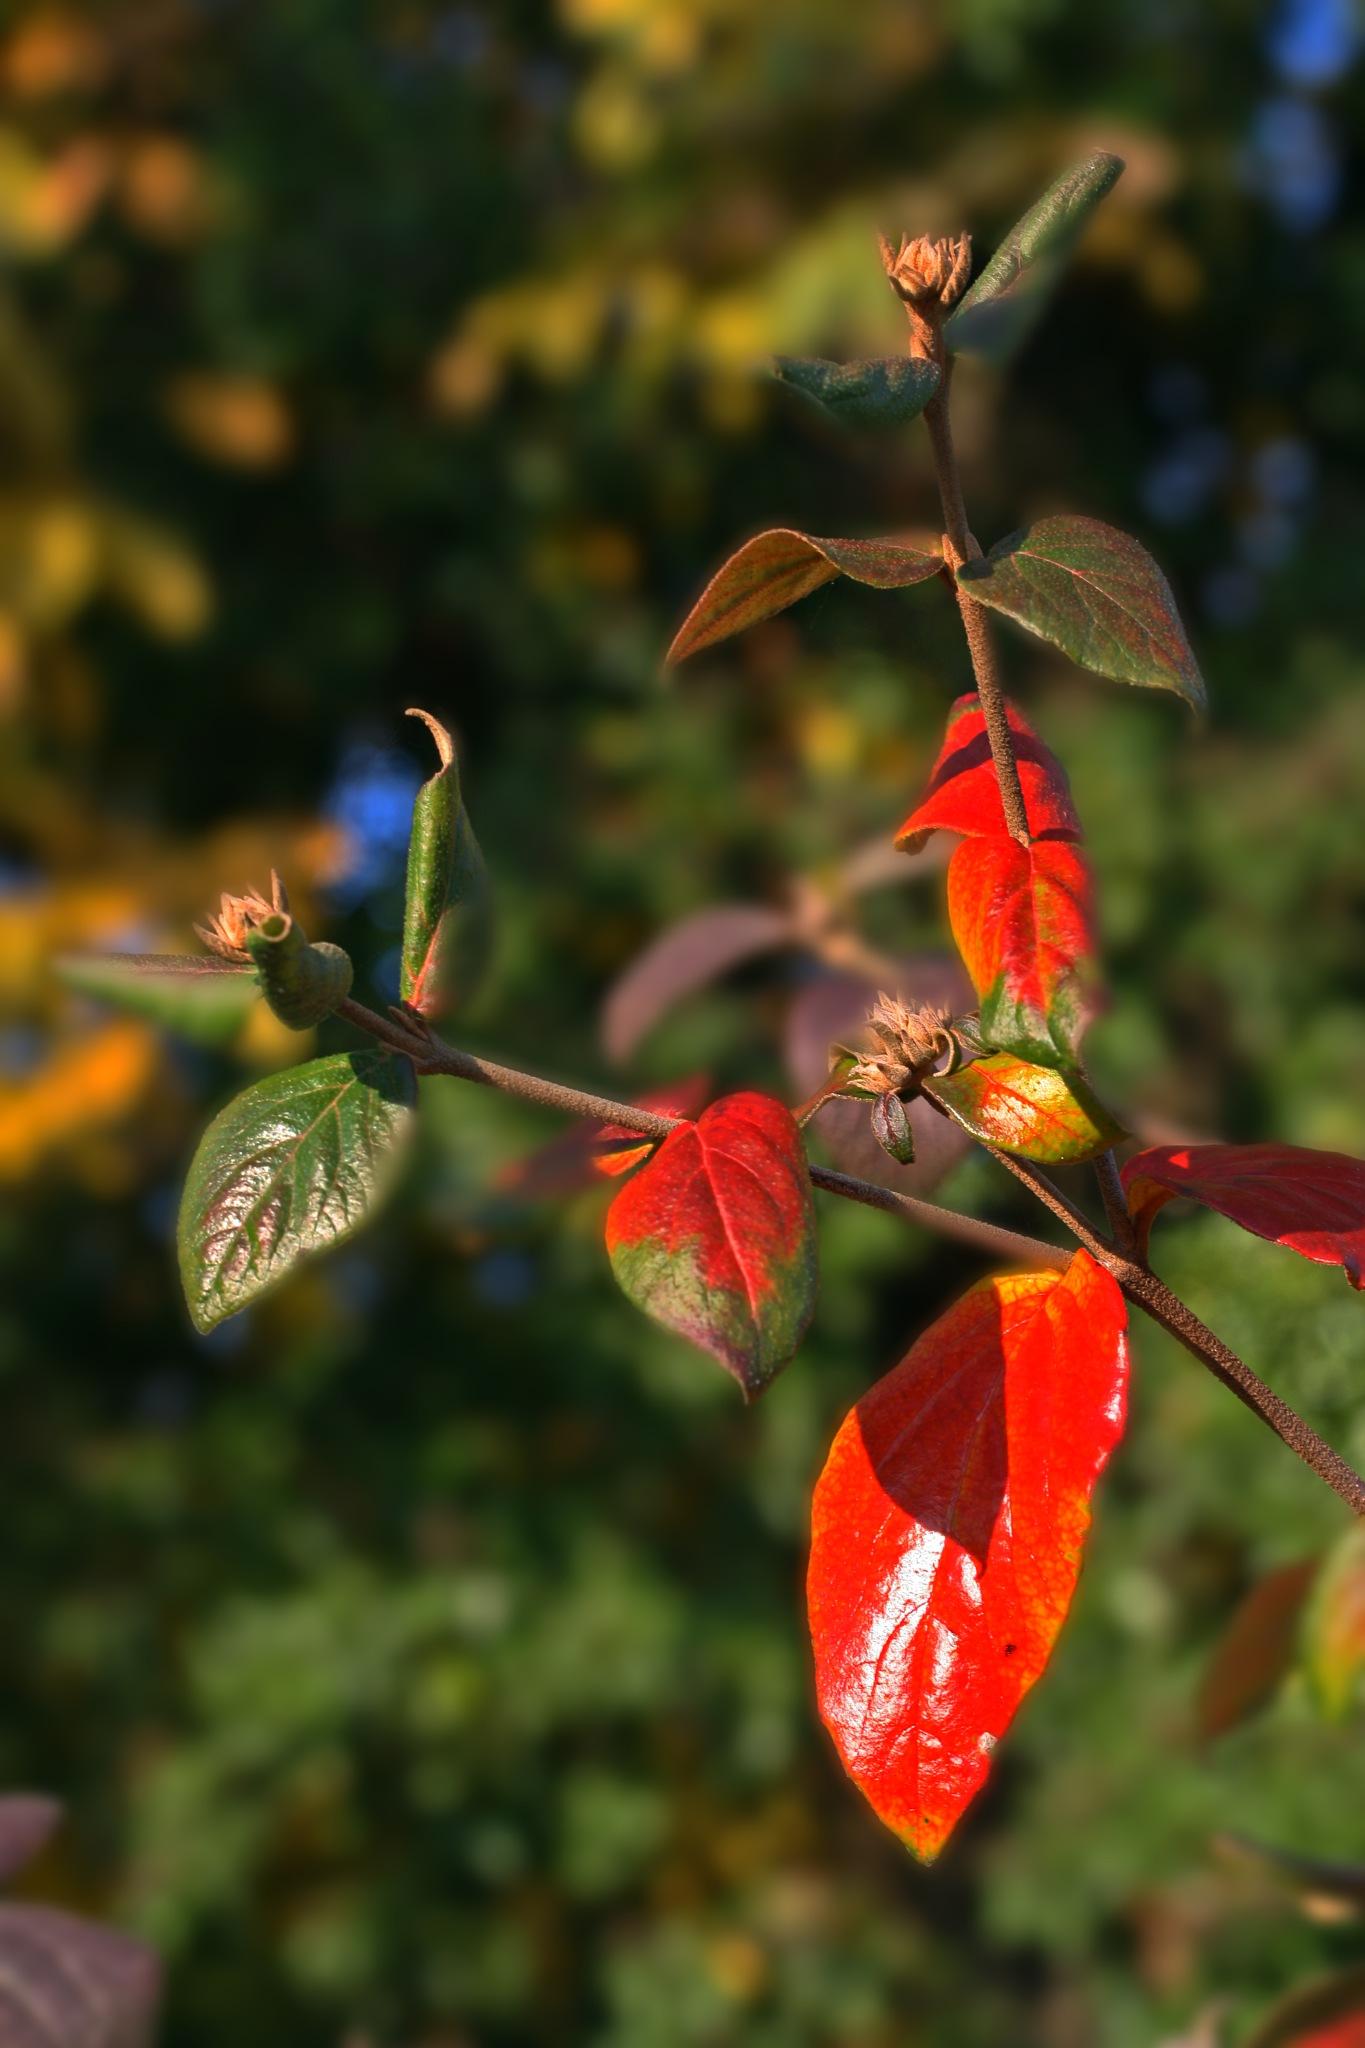 Herbstimpression by Jean P. Mundorff